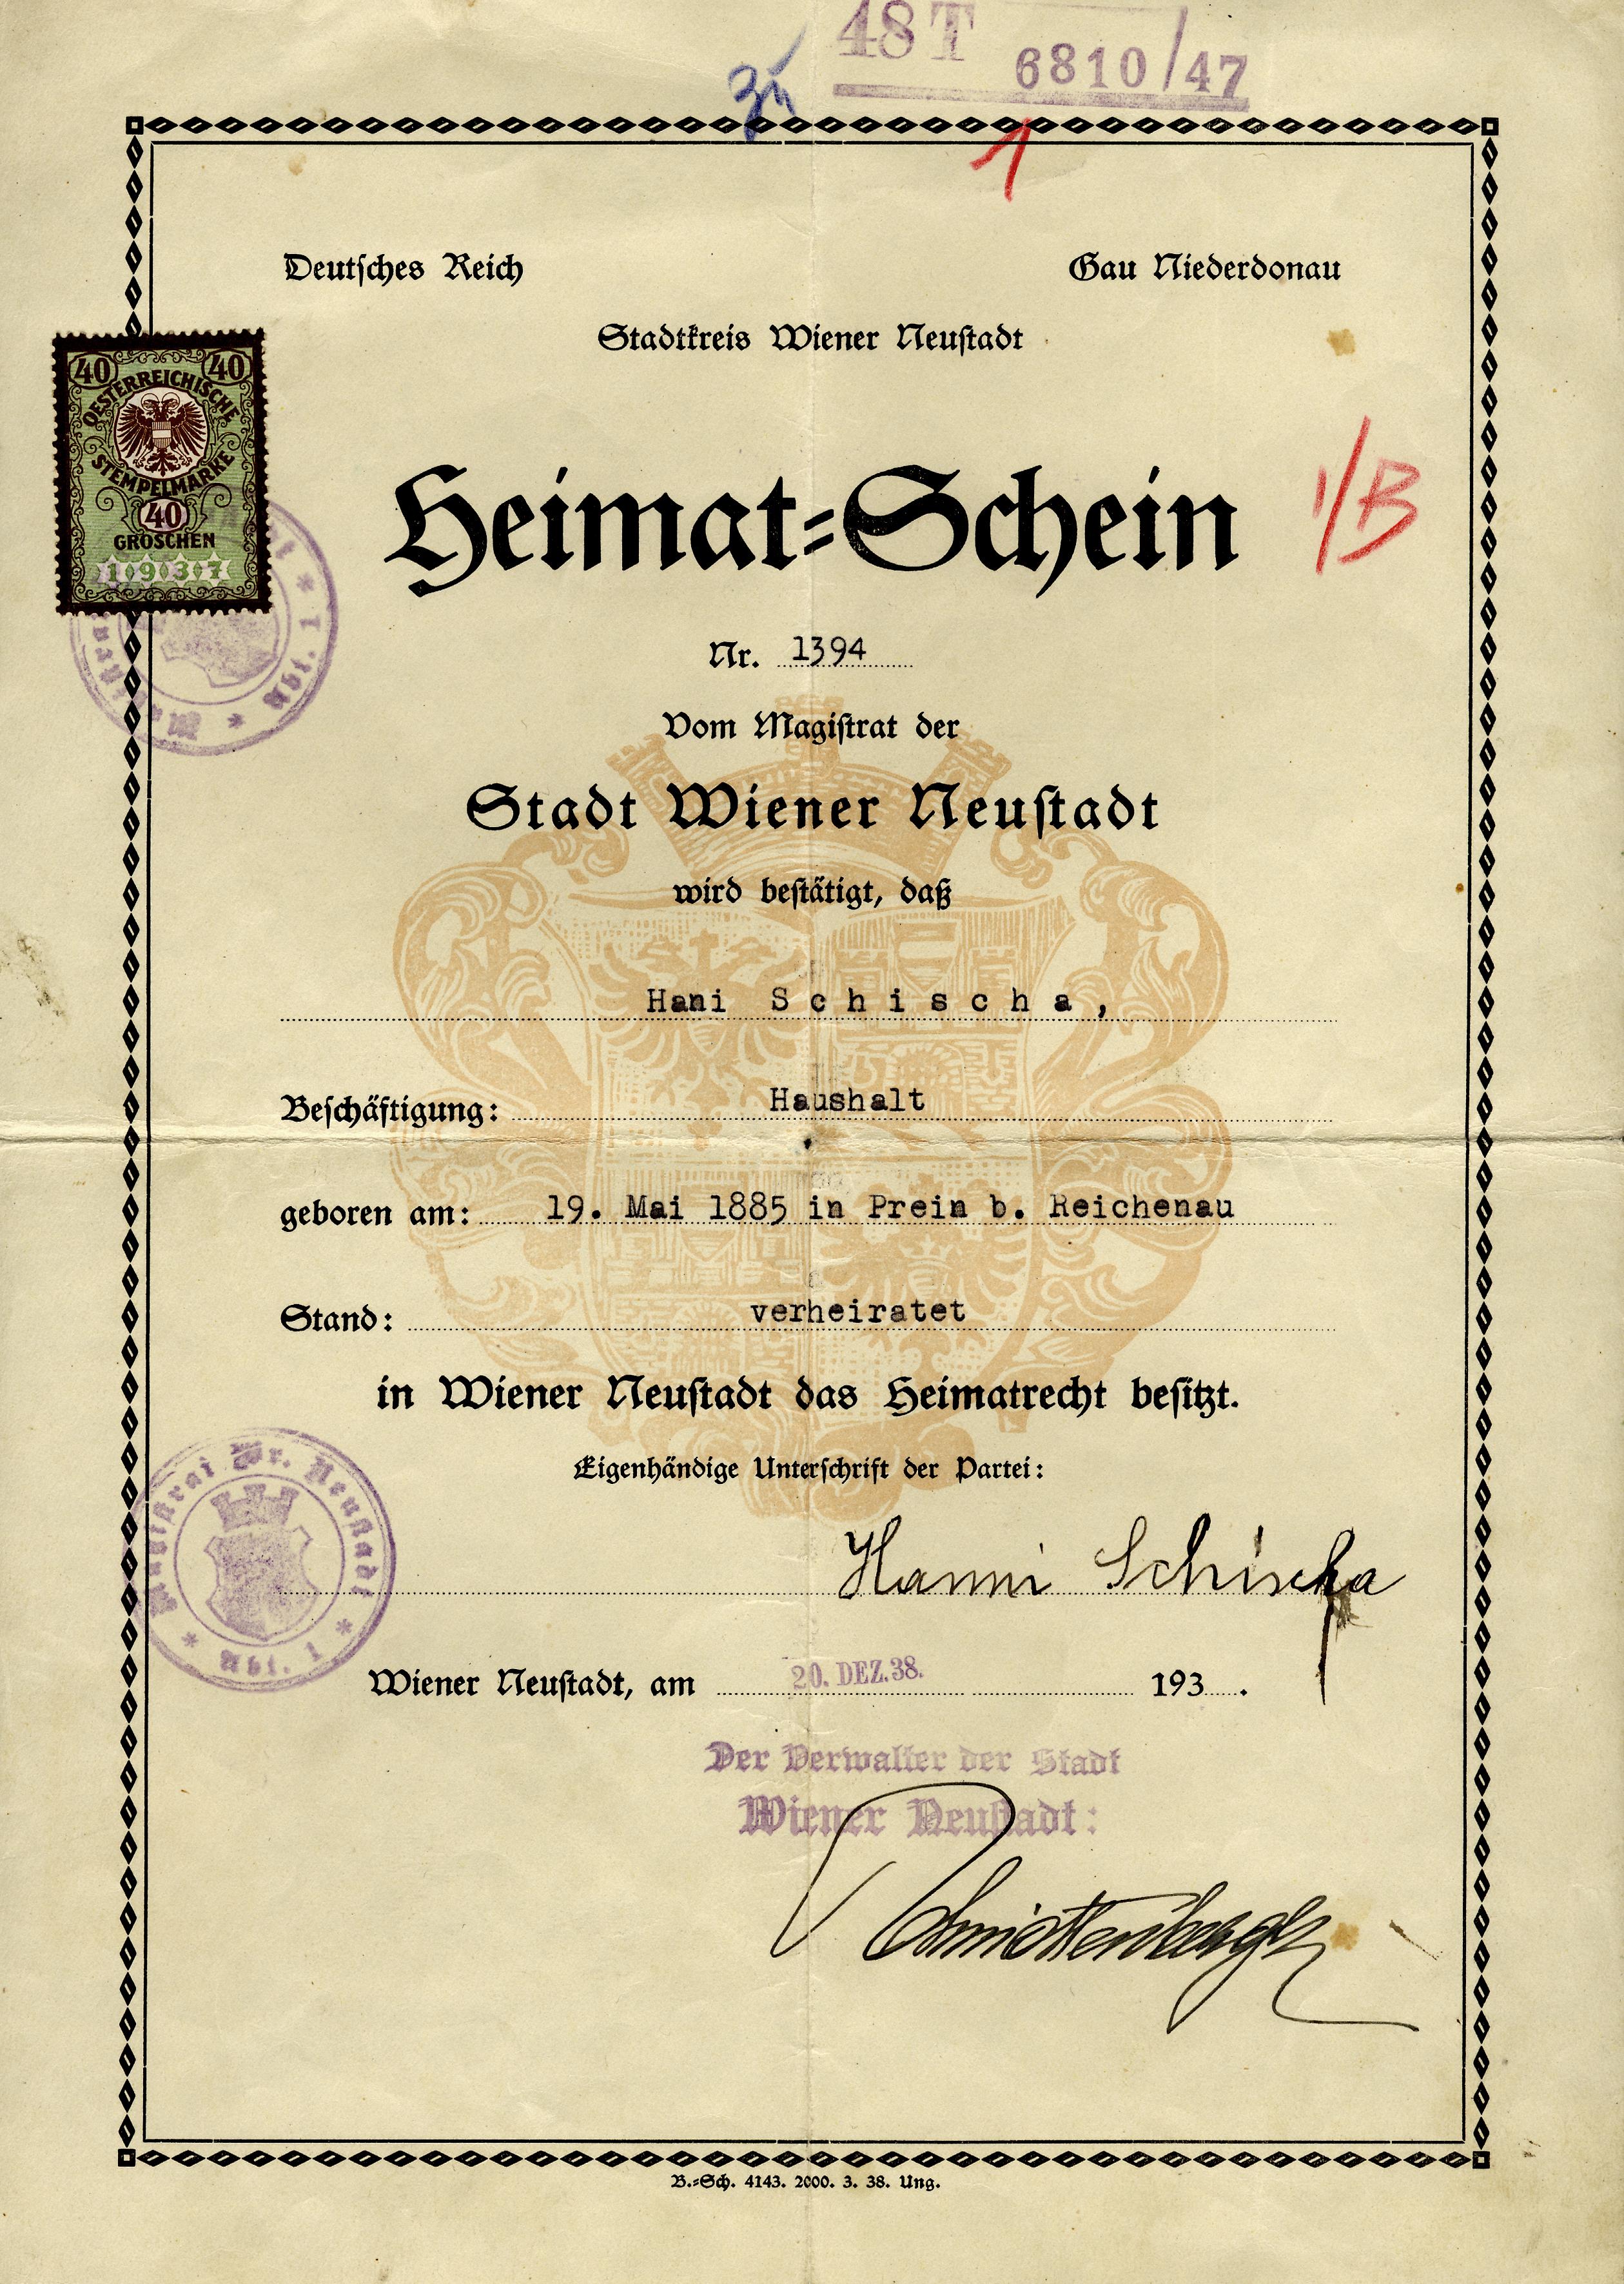 Certificate stating Lilli Tauber's mother, Johanna Schischa's right of domicile in Wiener Neustadt